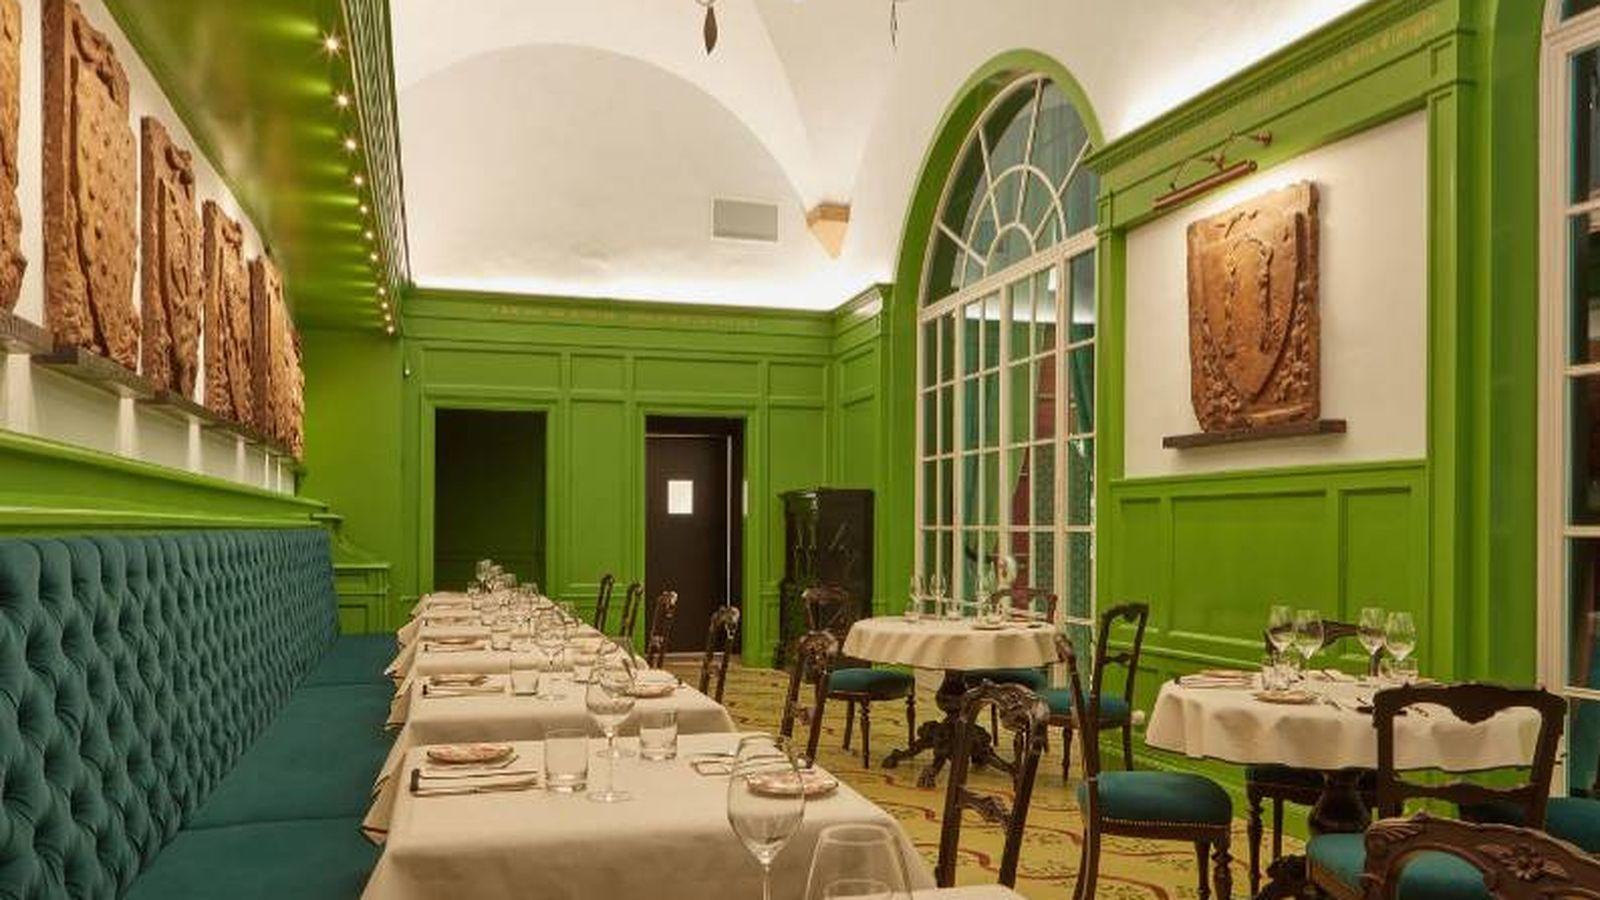 Foto: La Osteria Gucci de Massimo Bottura, un lujo gastronómico. (Foto: Gucci)